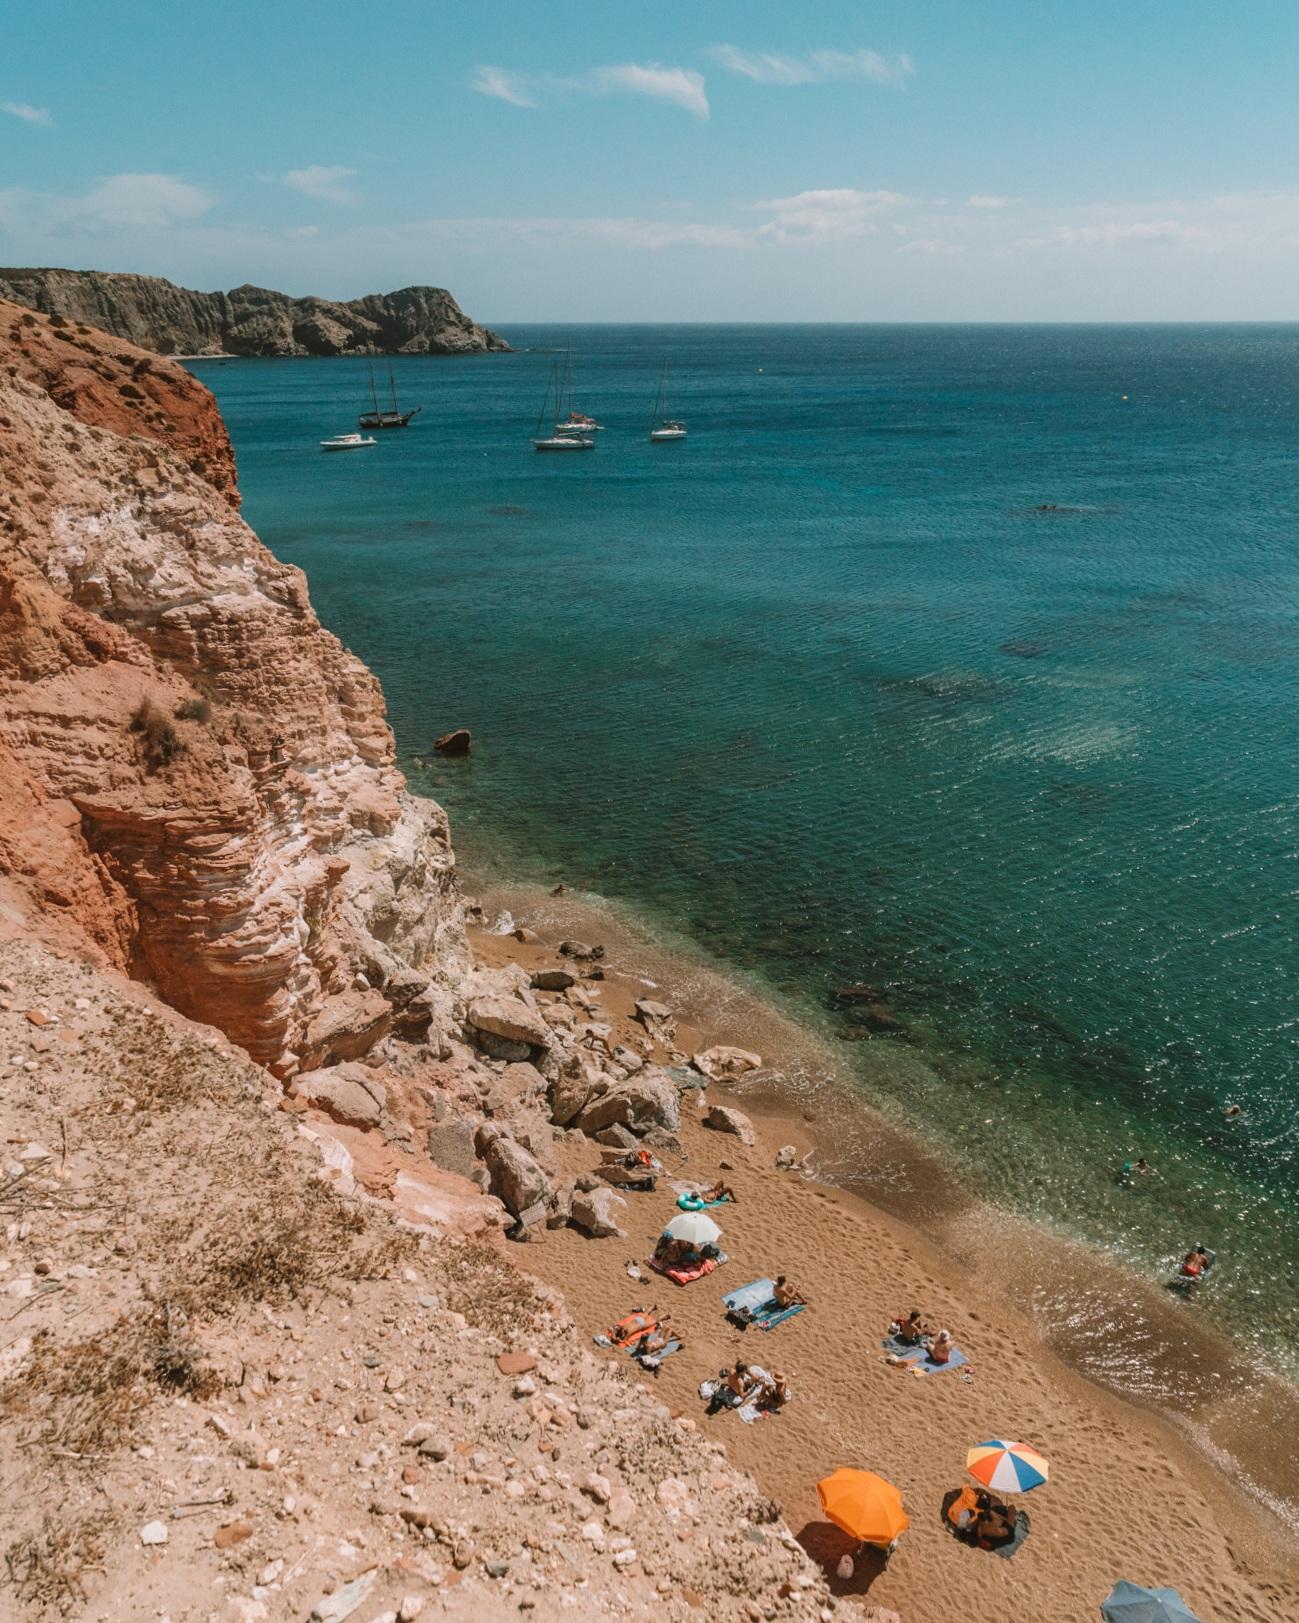 帕利奥乔里+海滩+286+of+51%29.jpg